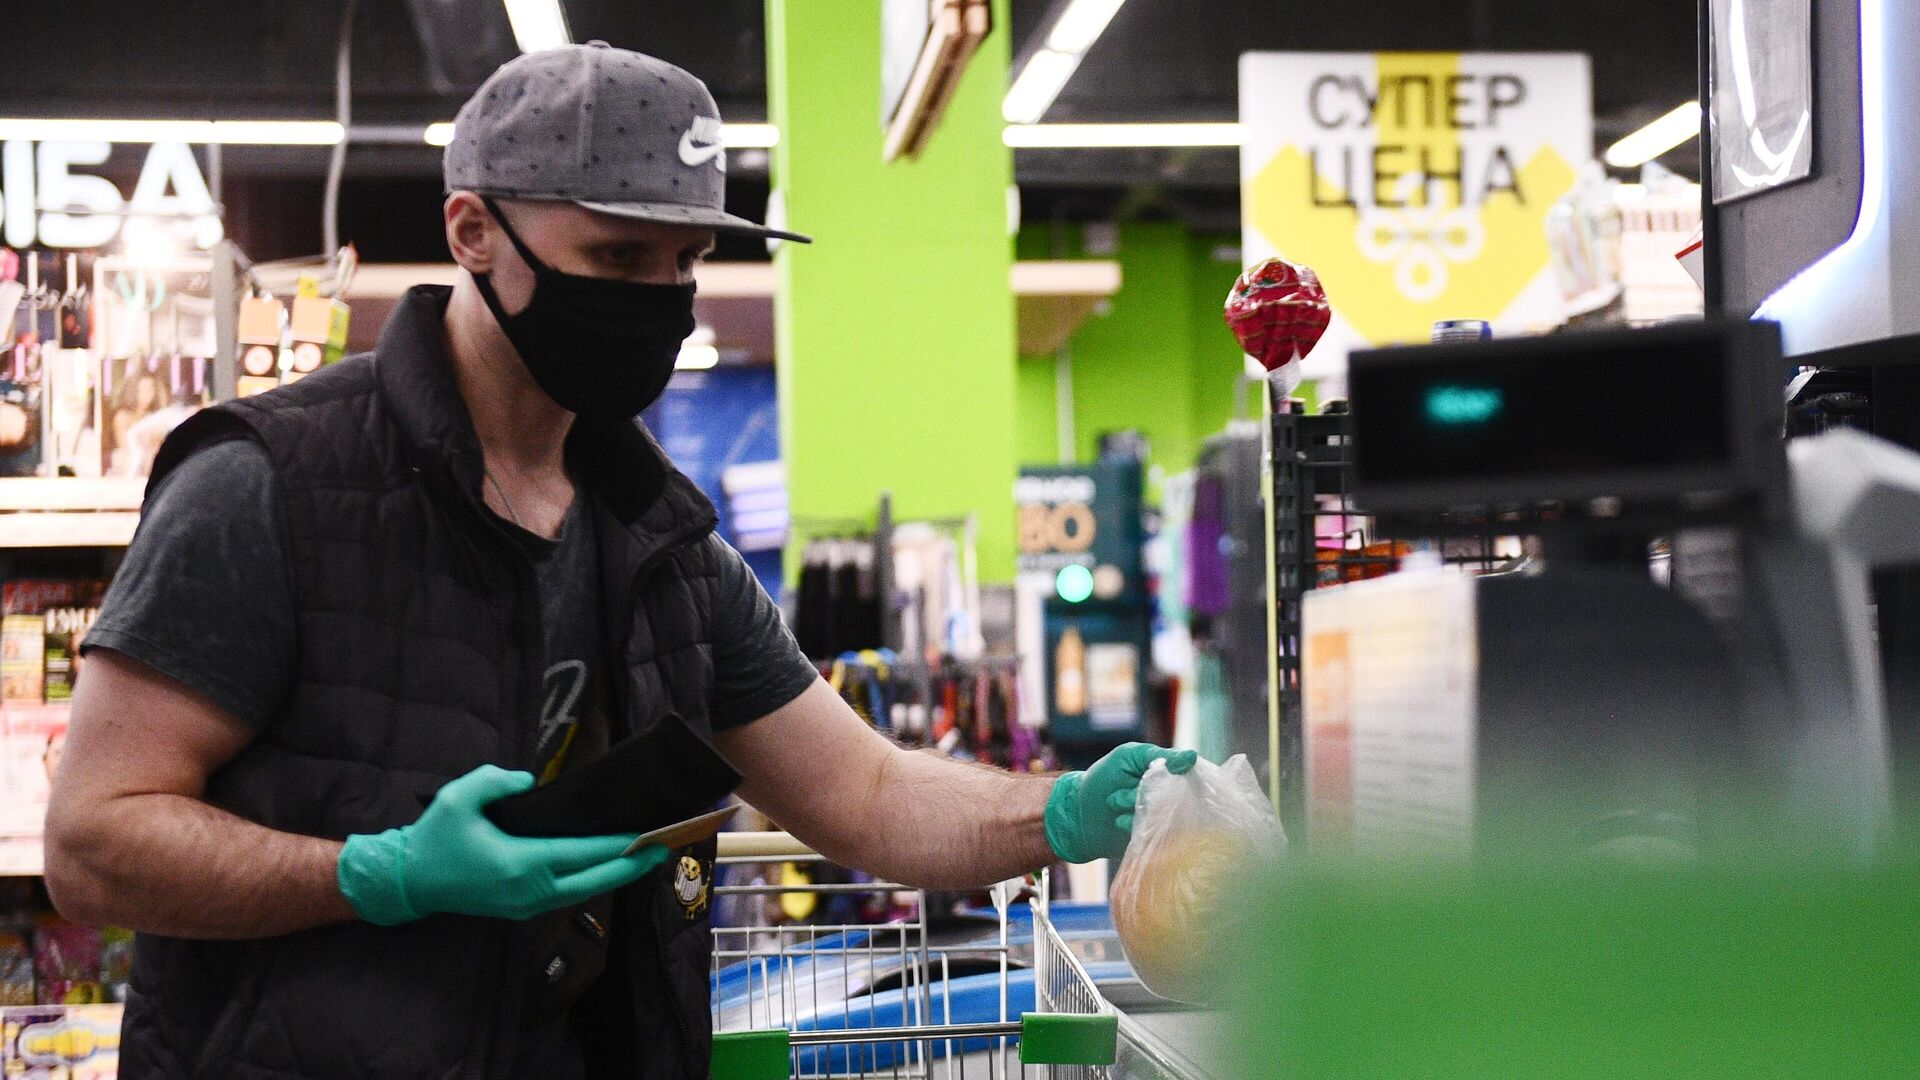 Покупатель оформляет покупку на кассе в продуктовом магазине - РИА Новости, 1920, 09.08.2021